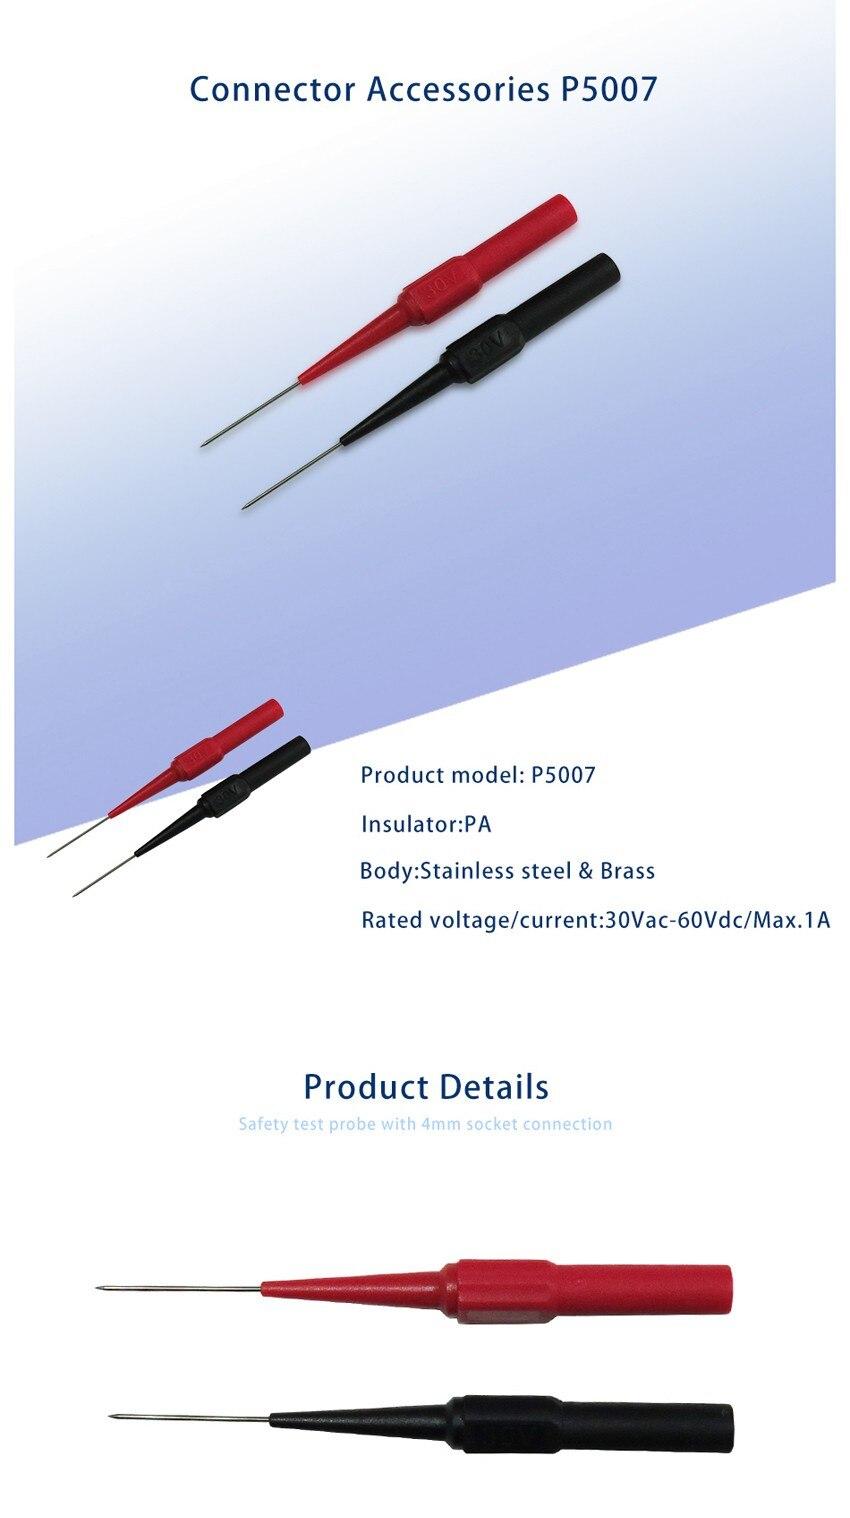 P5007 10Pcs Insulation Piercing Needle Non-destructive Multimeter Test Probes